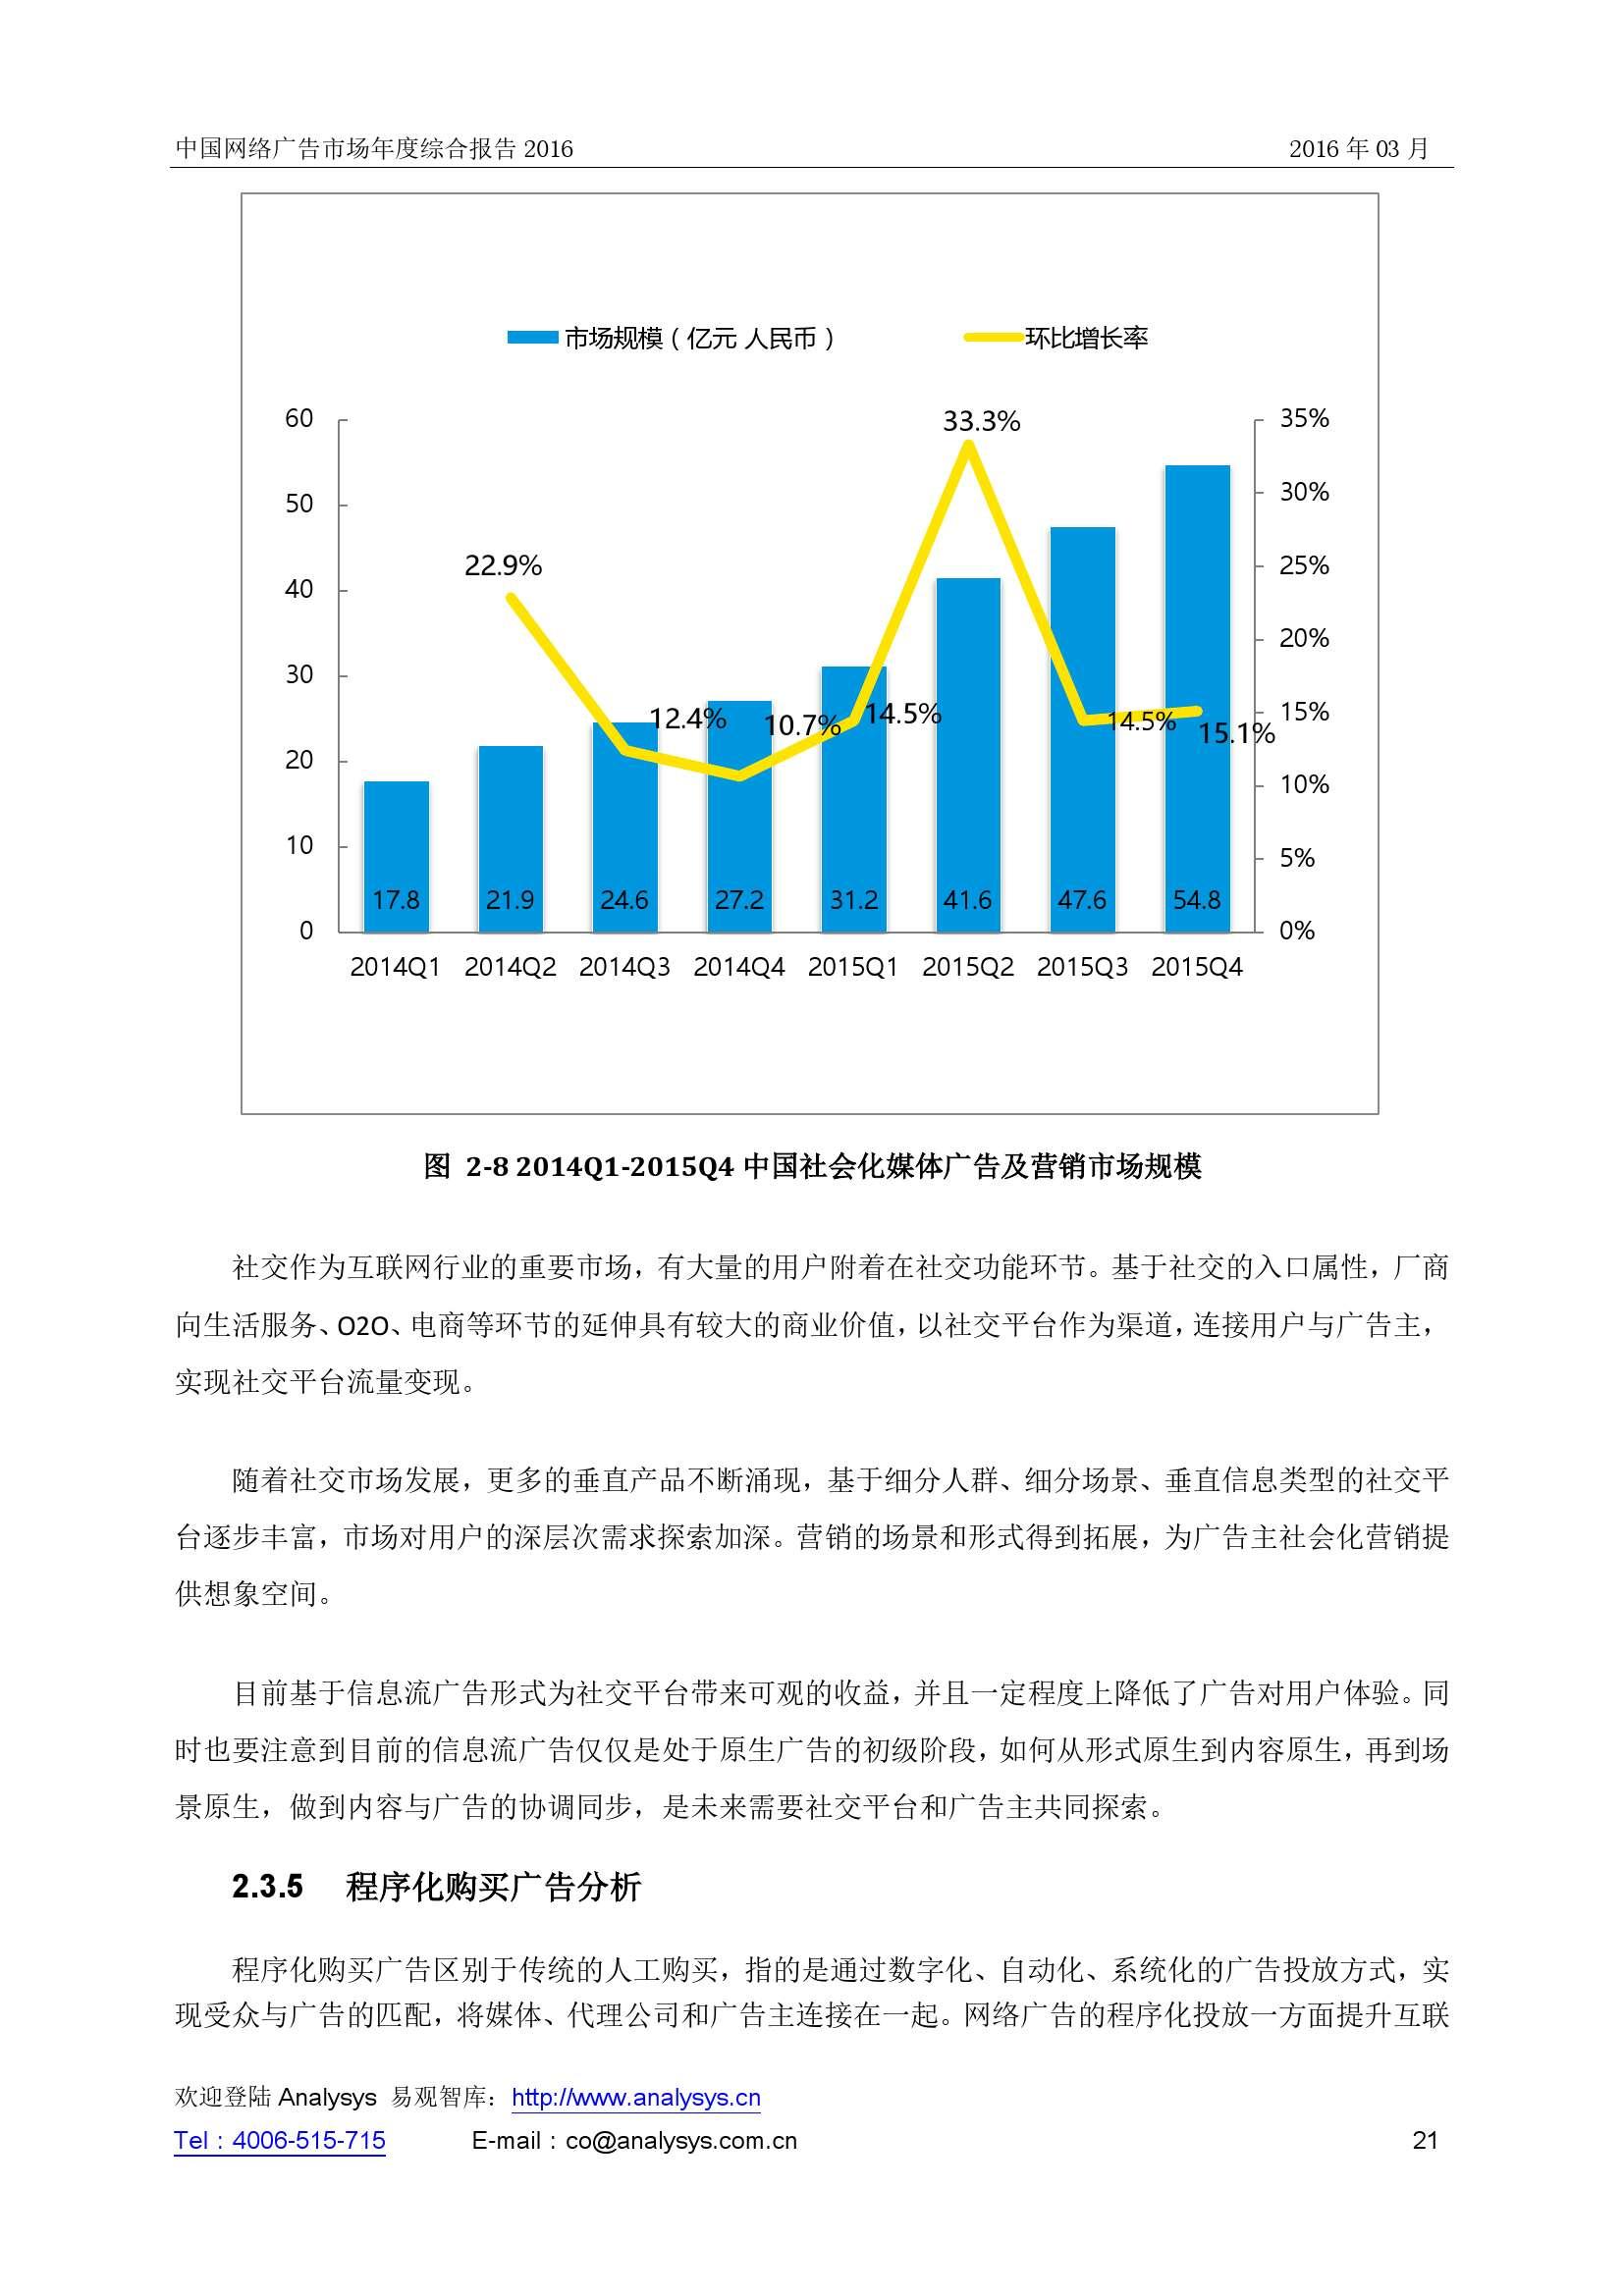 中国网络广告市场年度综合报告2016_000021